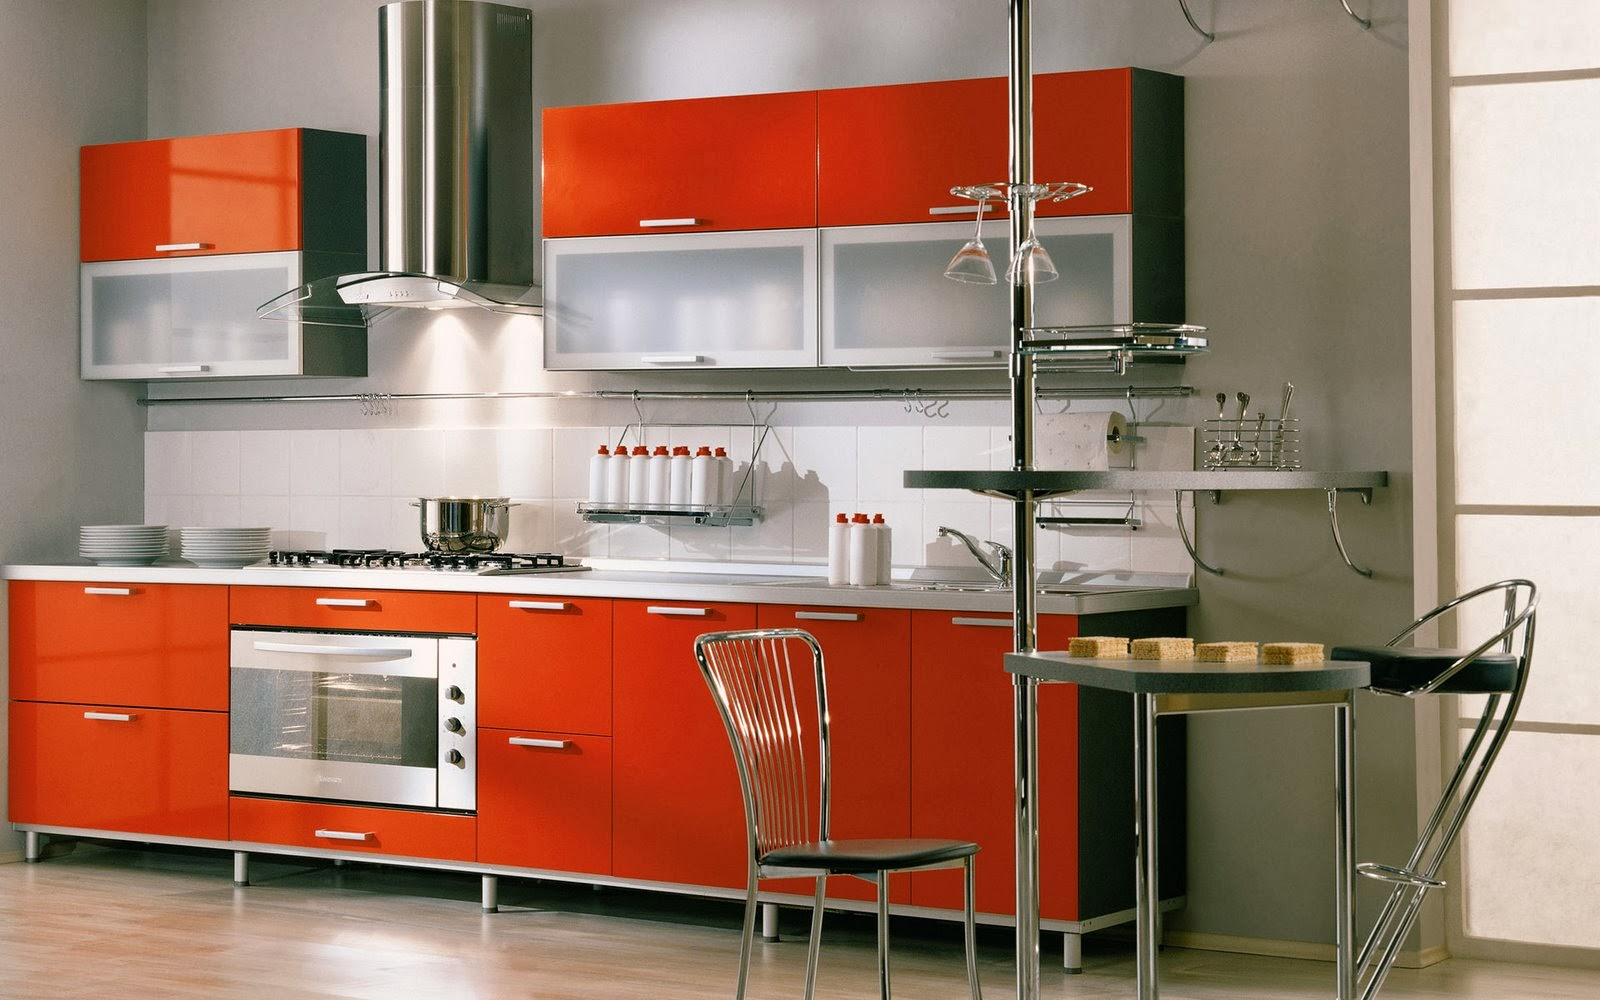 Modern Kitchen Interior Design Ideas Modern Decor Home Decoration - Fitted kitchen design ideas